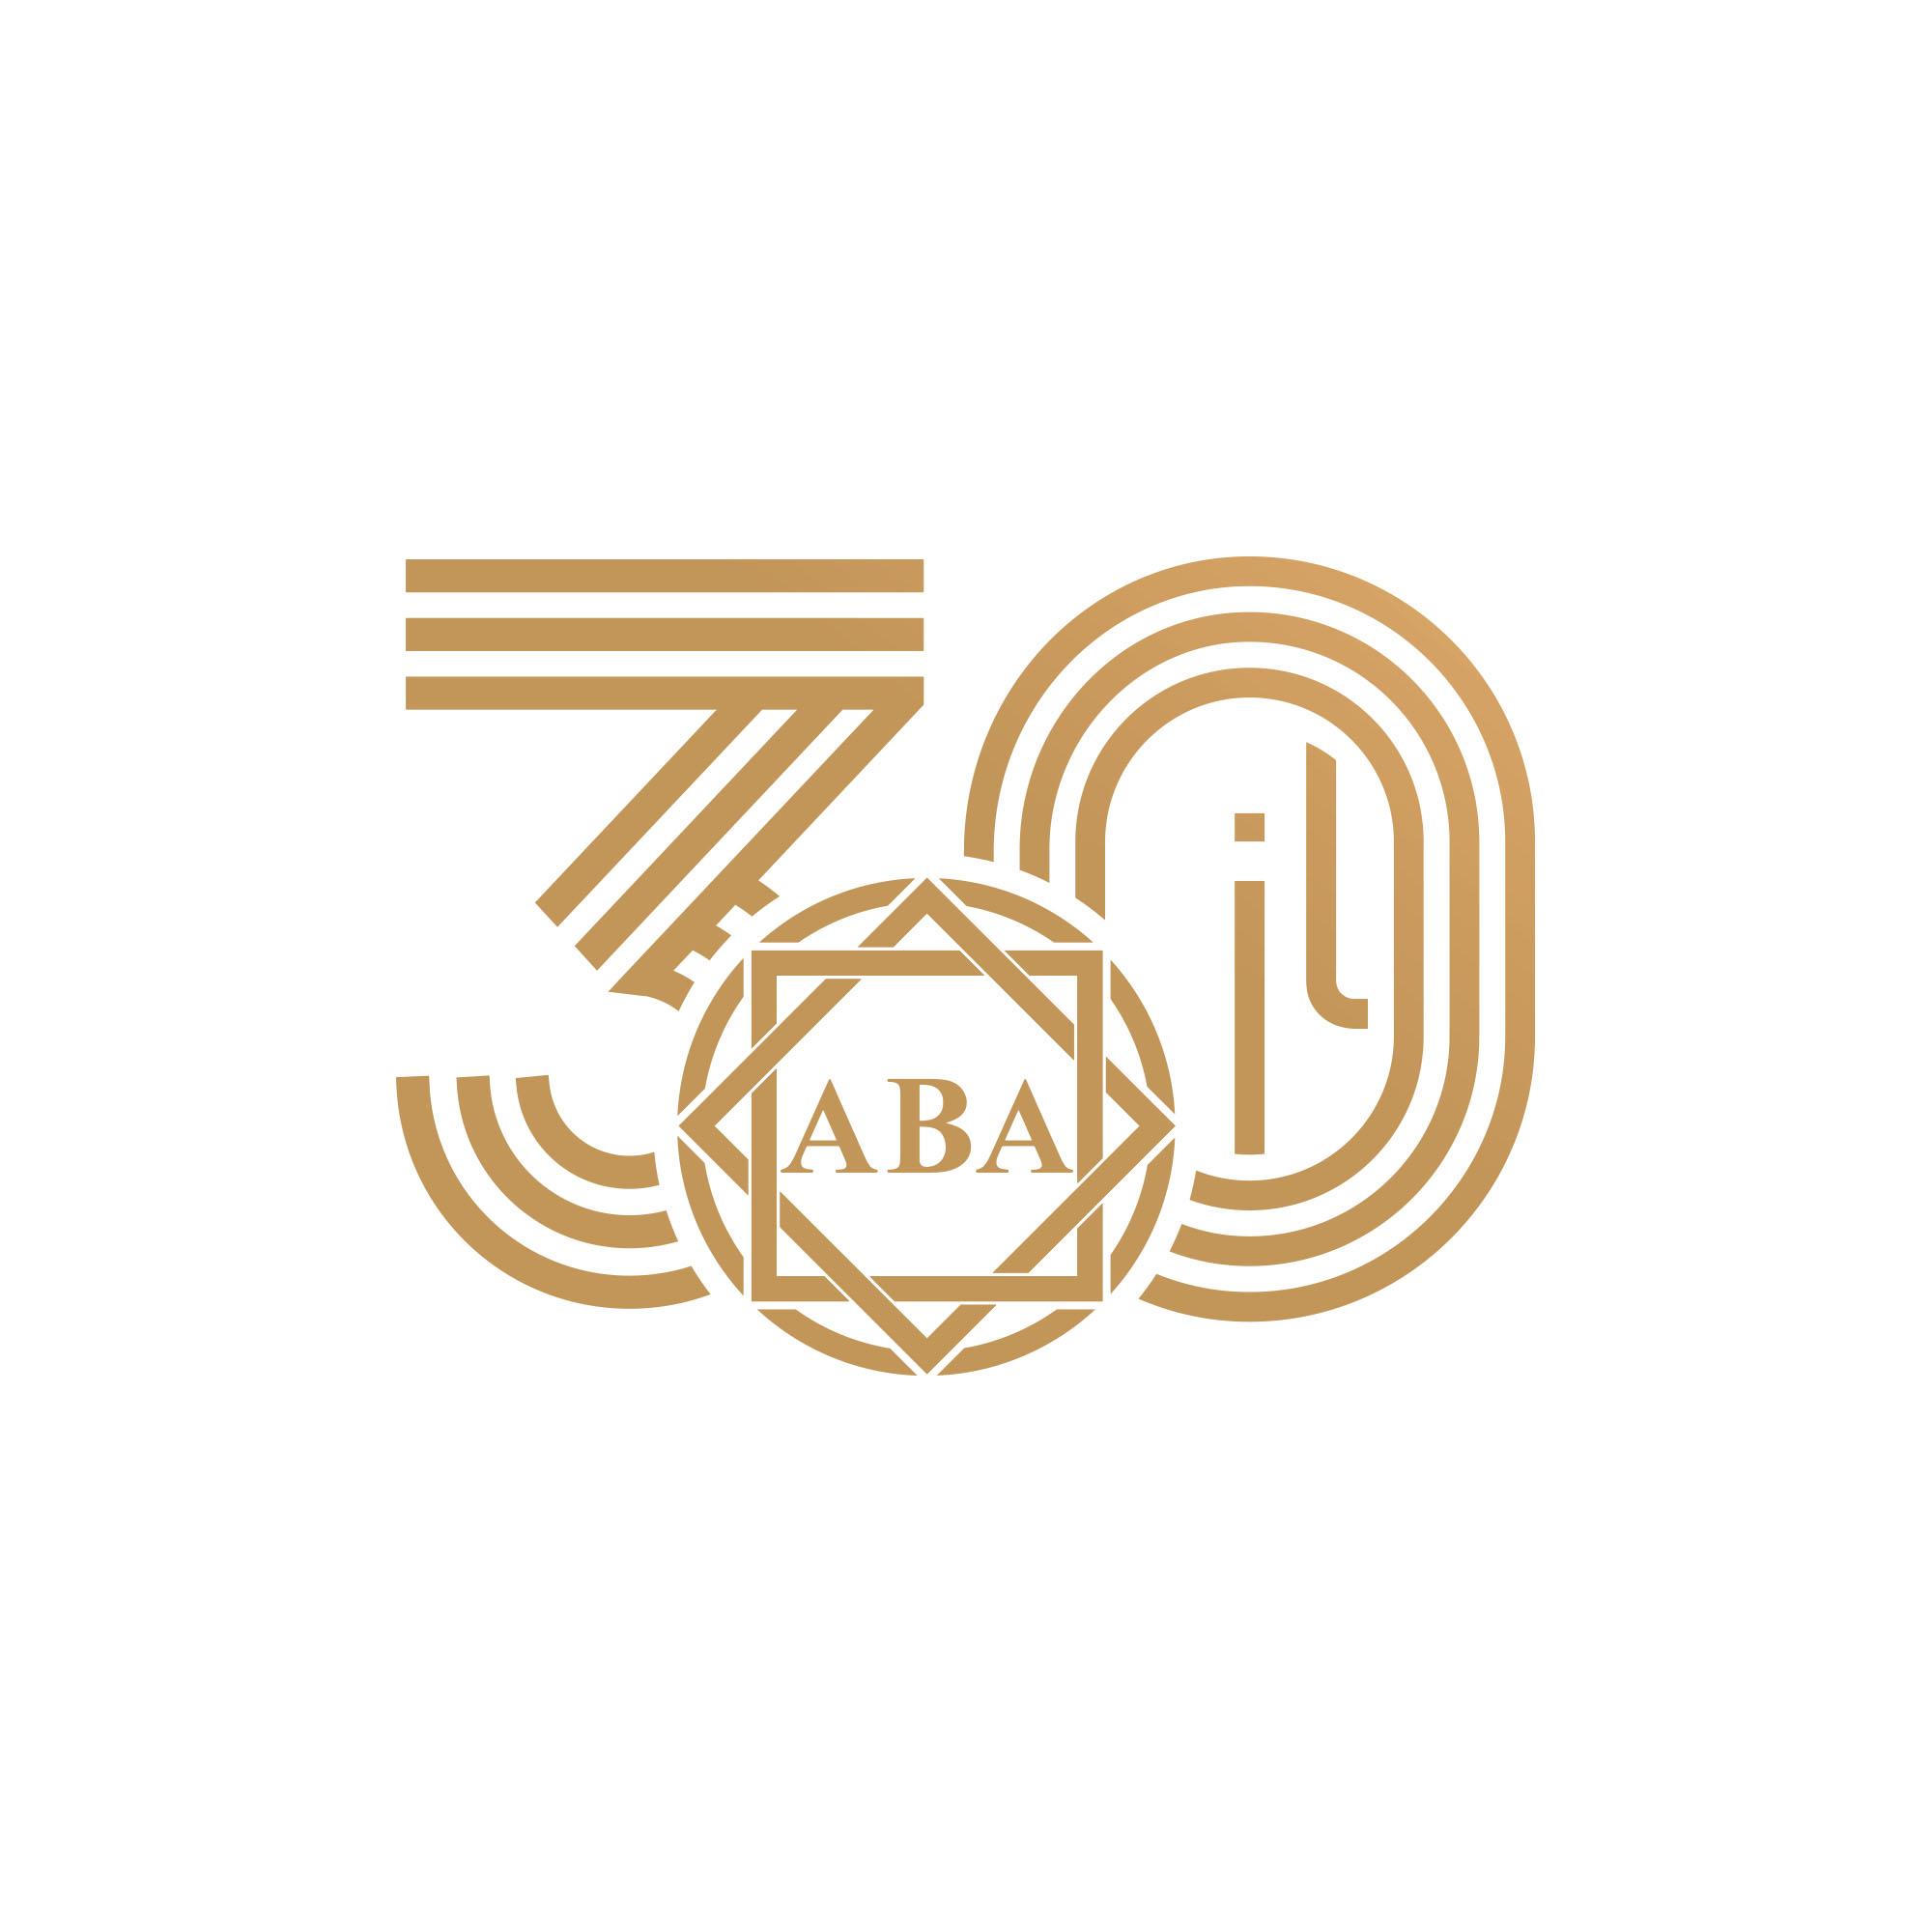 Bu gün Azərbaycan Banklar Assosiasiyasının (ABA) yaranmasının 30 illik yubileyidir